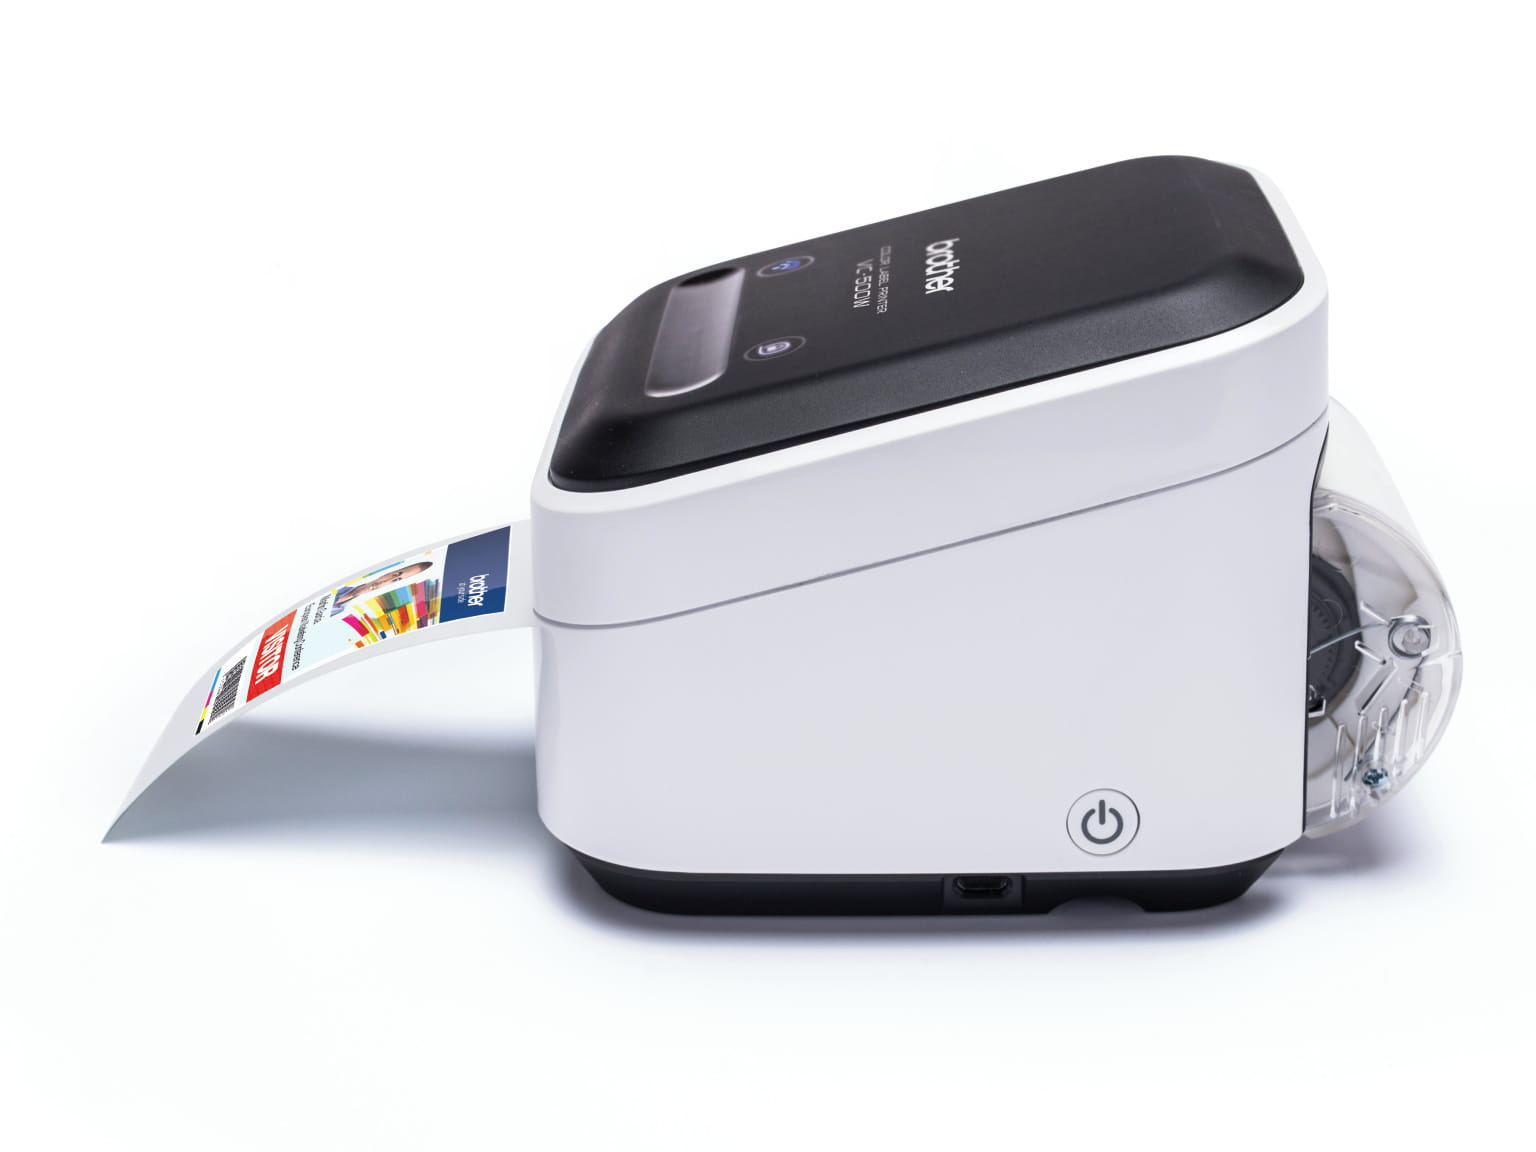 Brother VC-500W pisač naljepnica u boji bez tinte s izlaznom fotografijom u boji